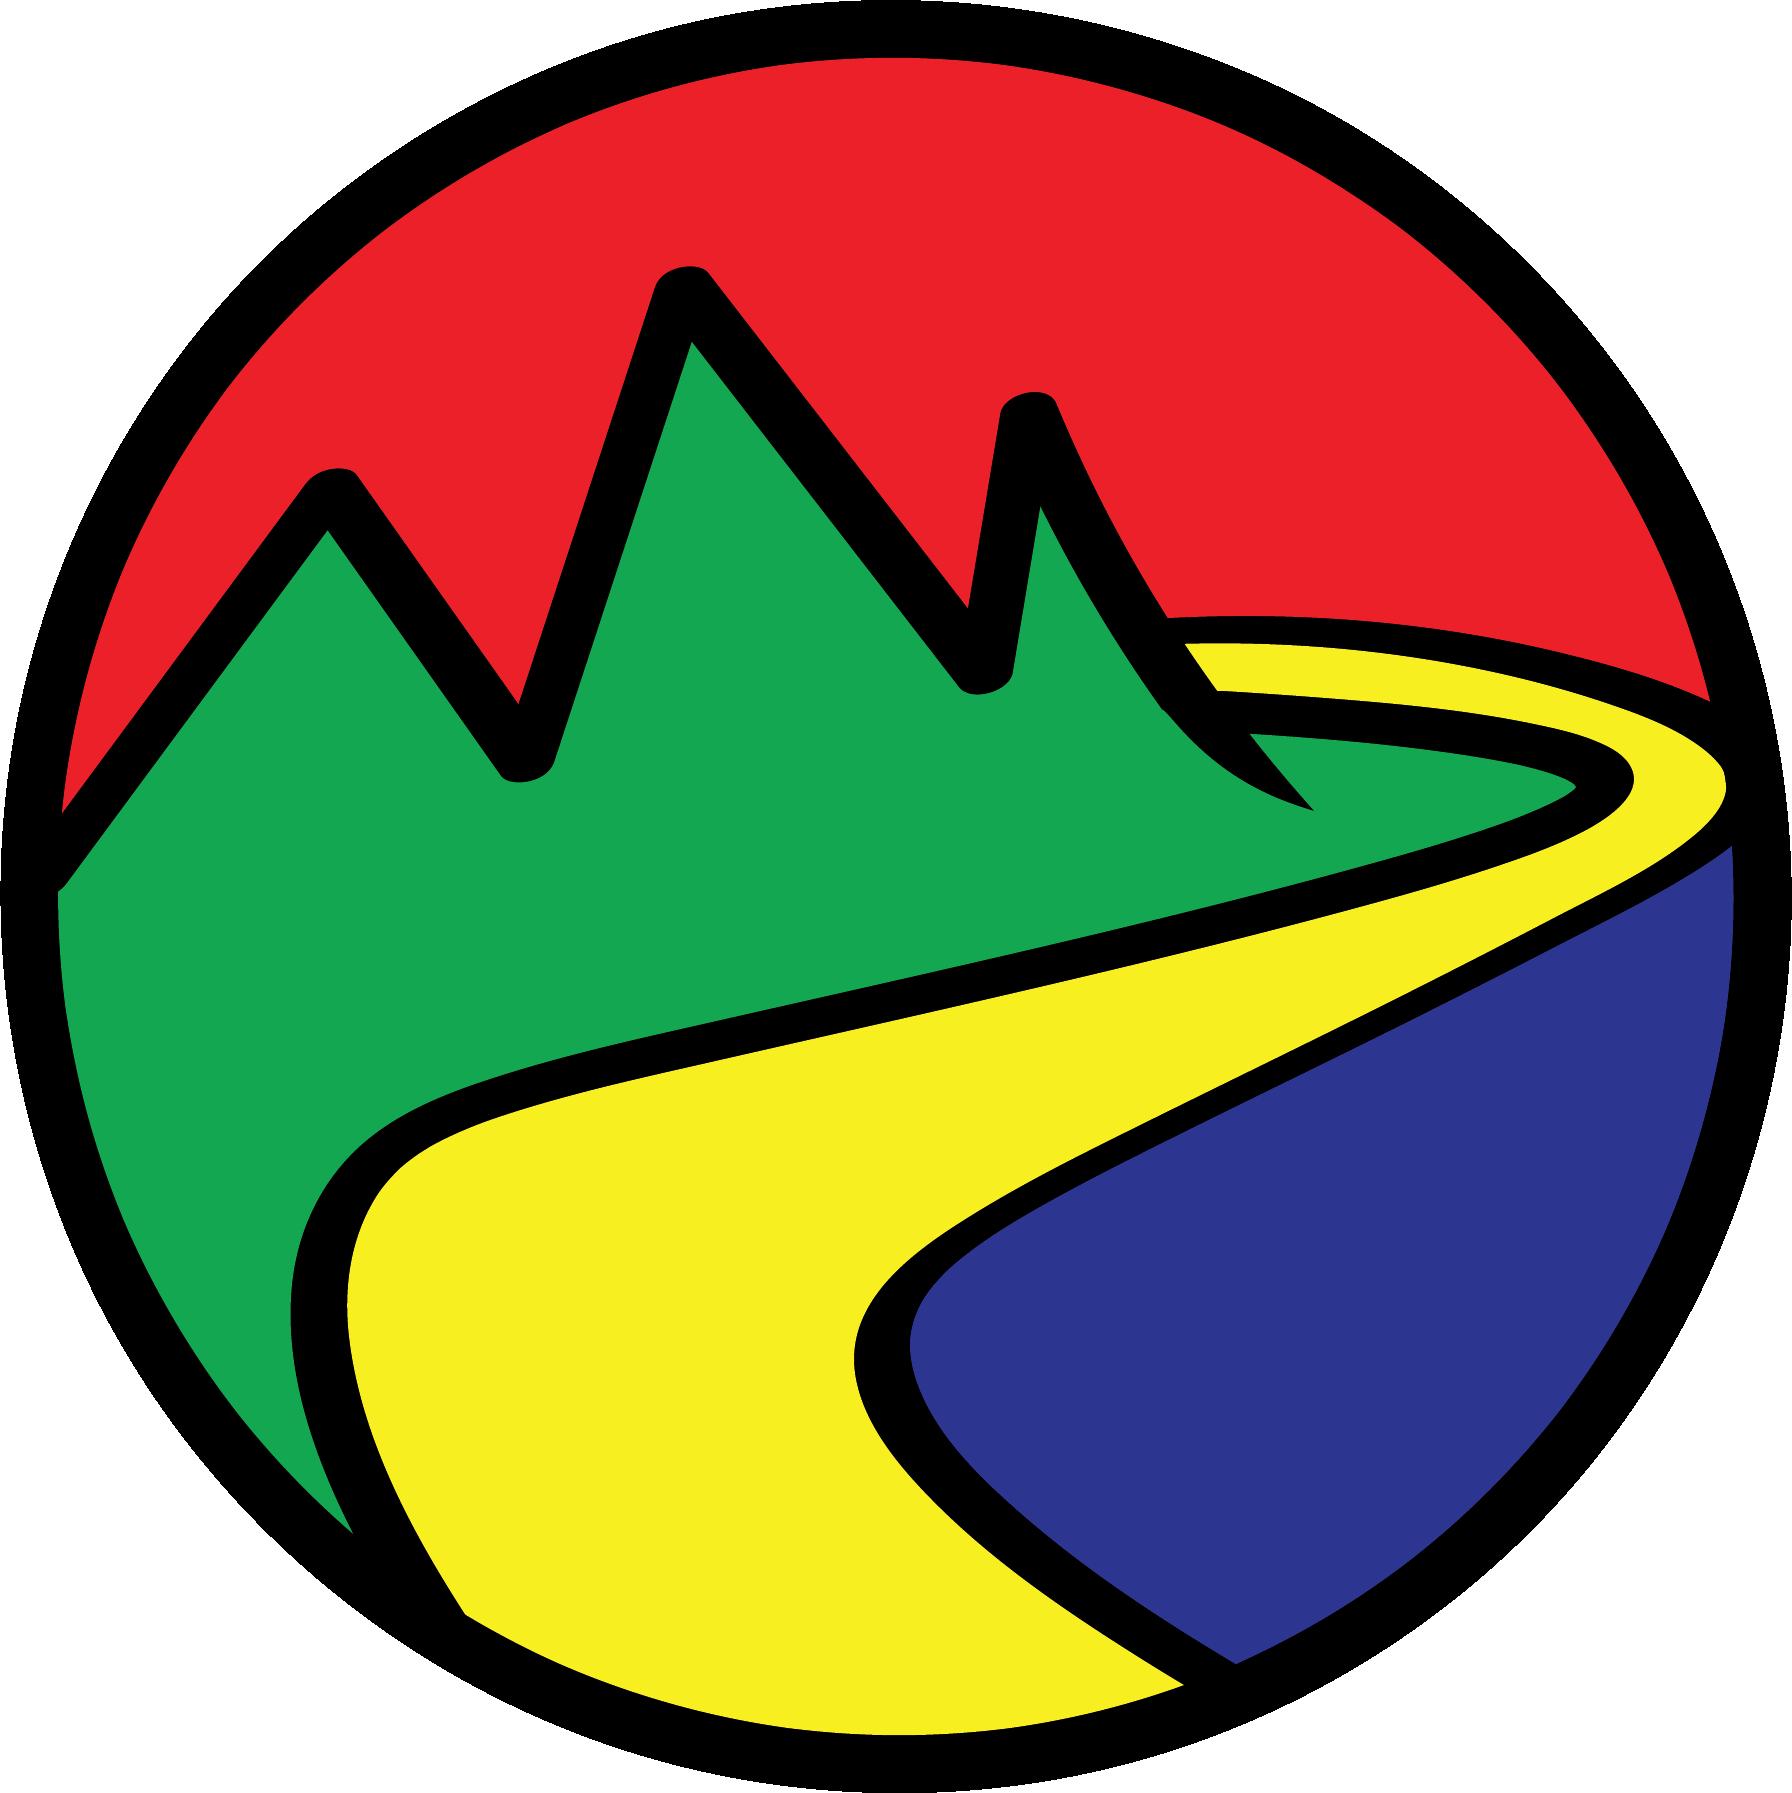 Rounded Adventurer Logo